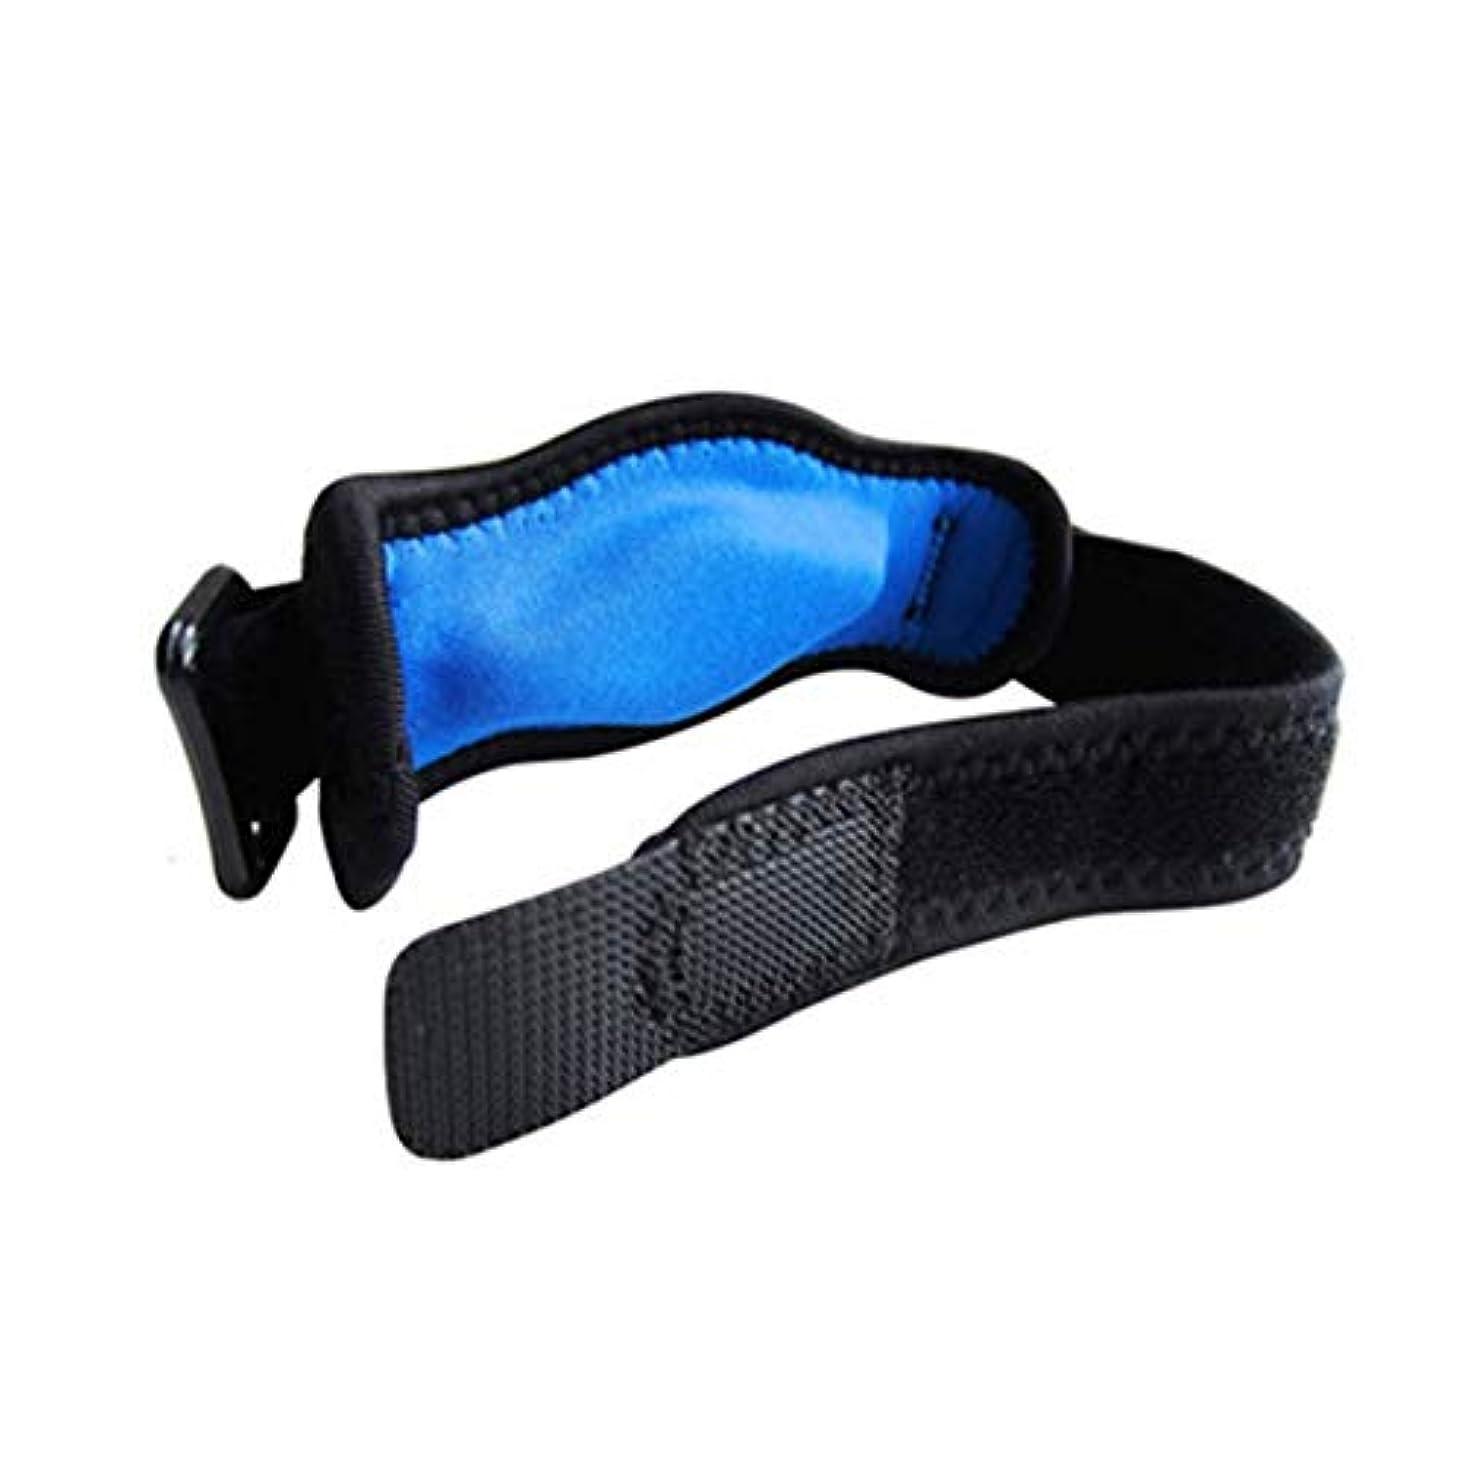 測定可能感性図書館調整可能なテニス肘サポートストラップブレースゴルフ前腕の痛みの軽減-ブラック